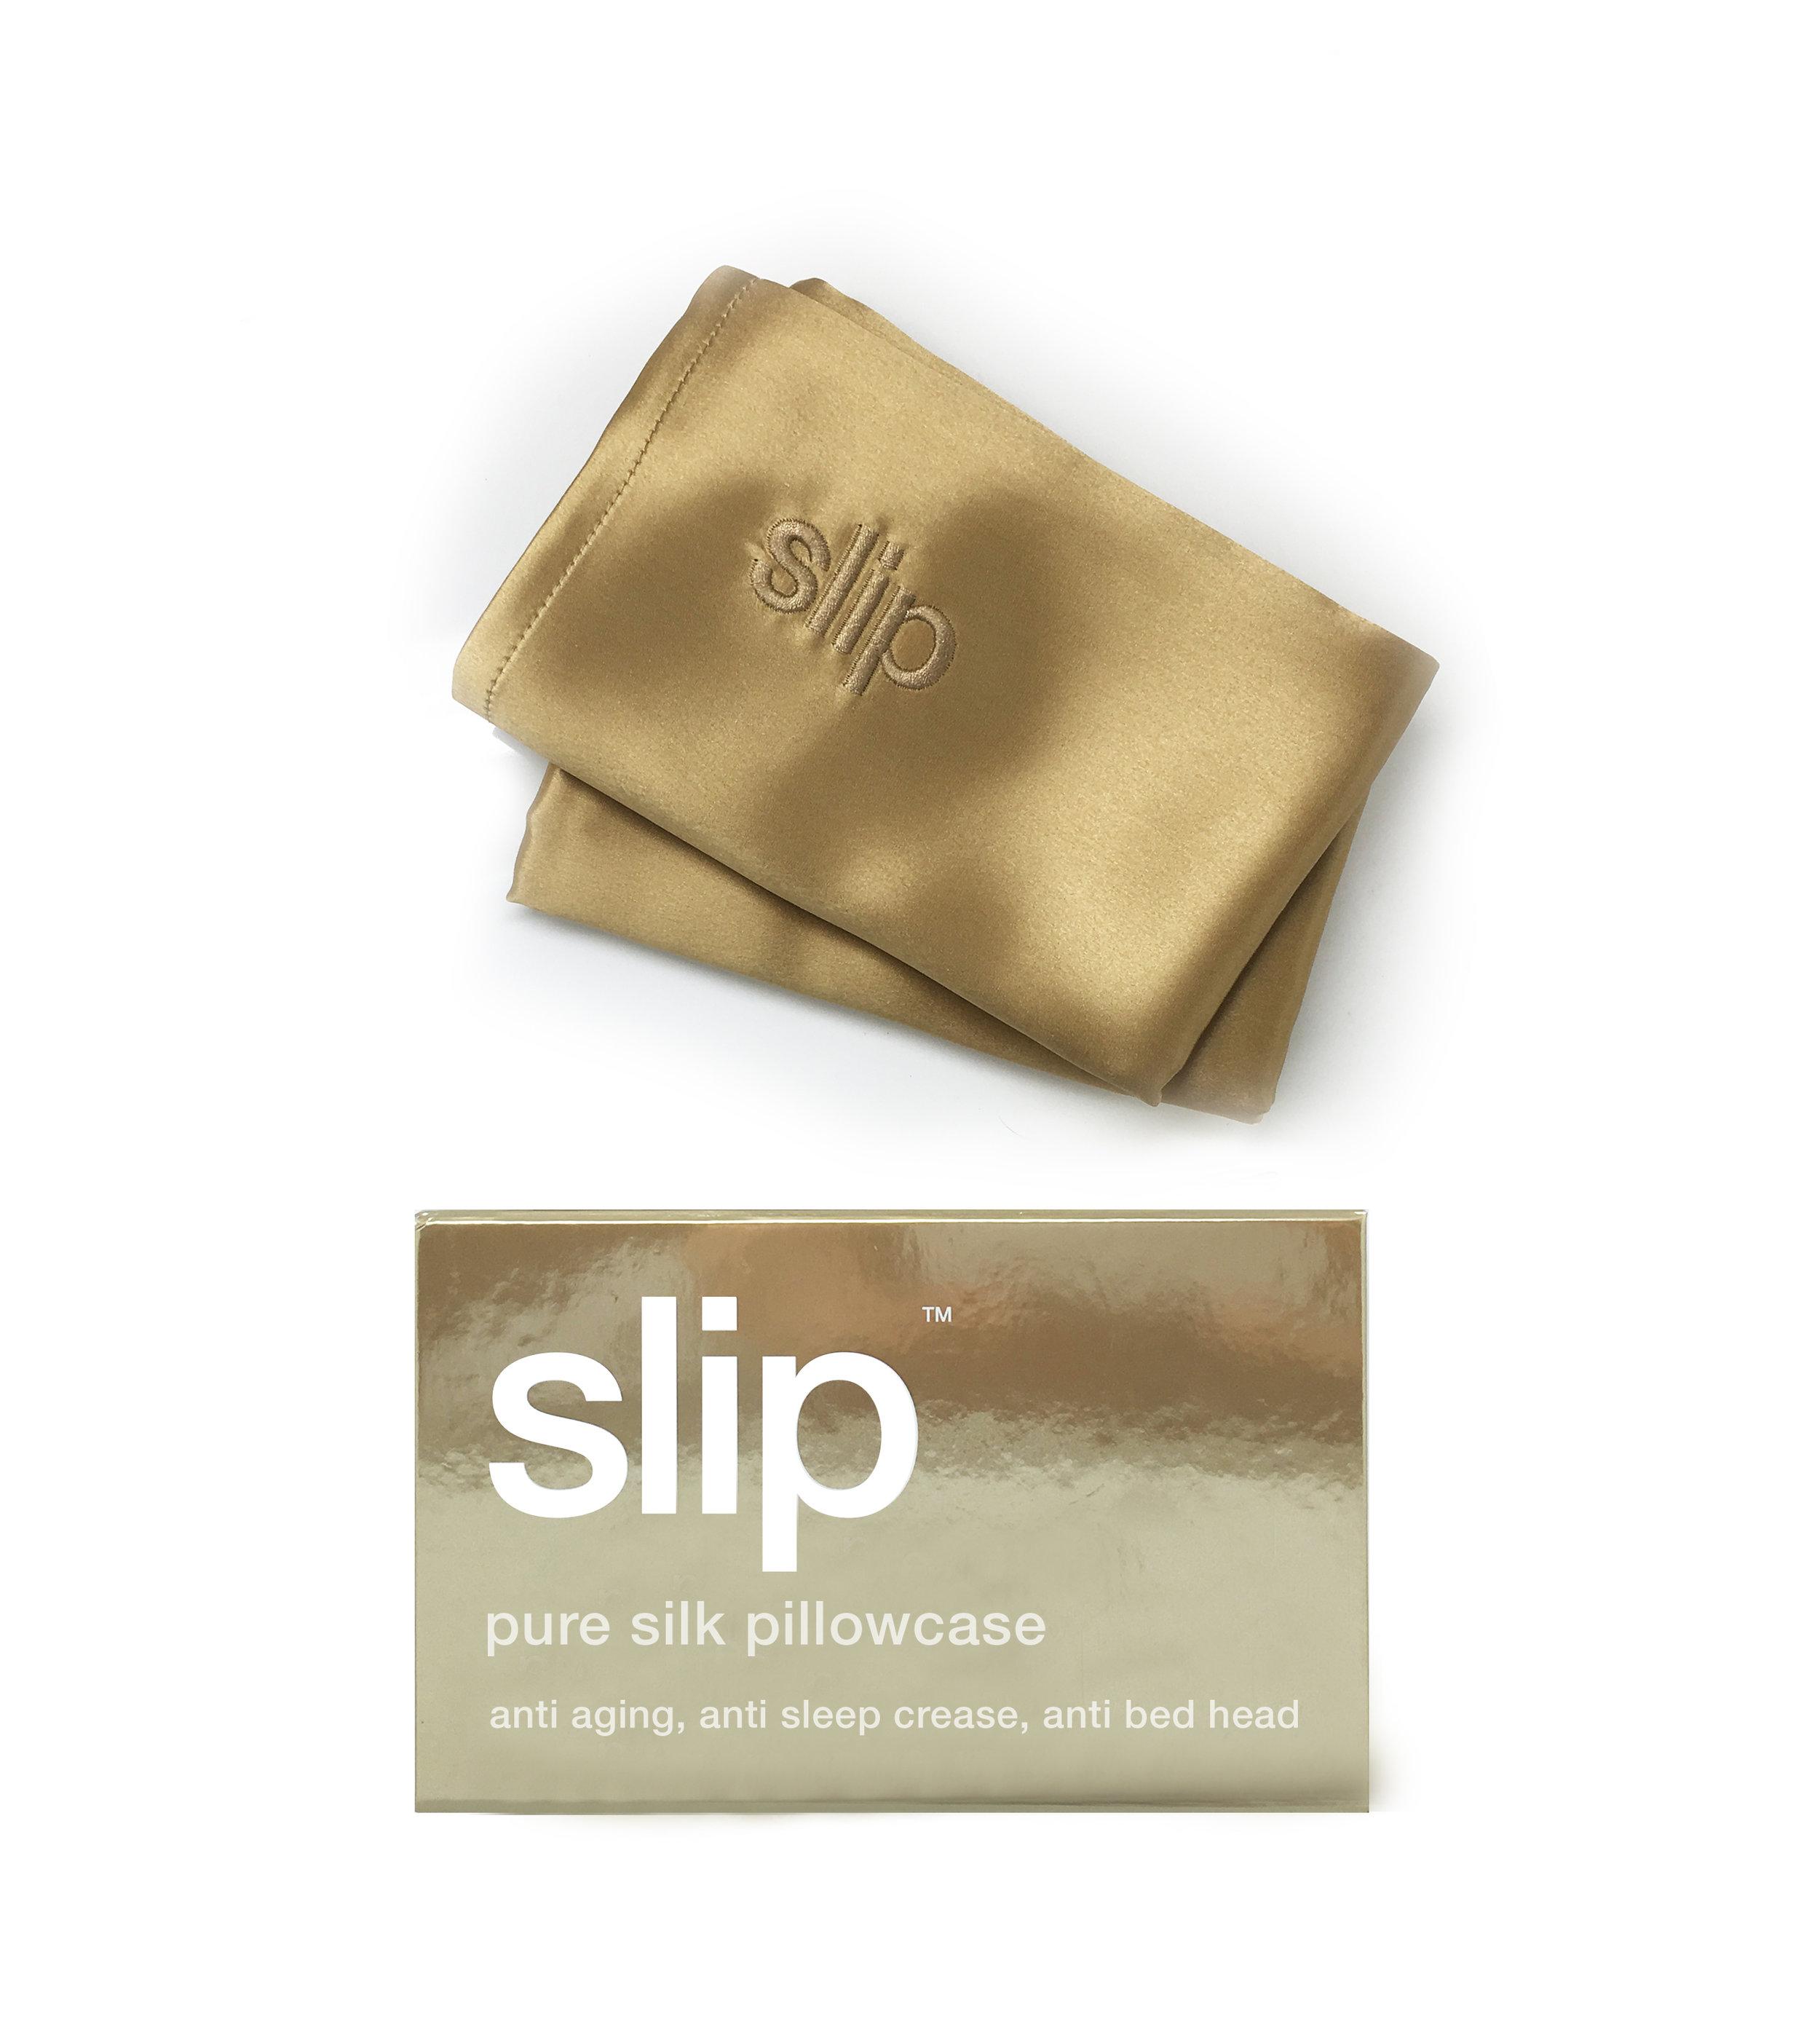 Slip Gold Pillowcase.jpg